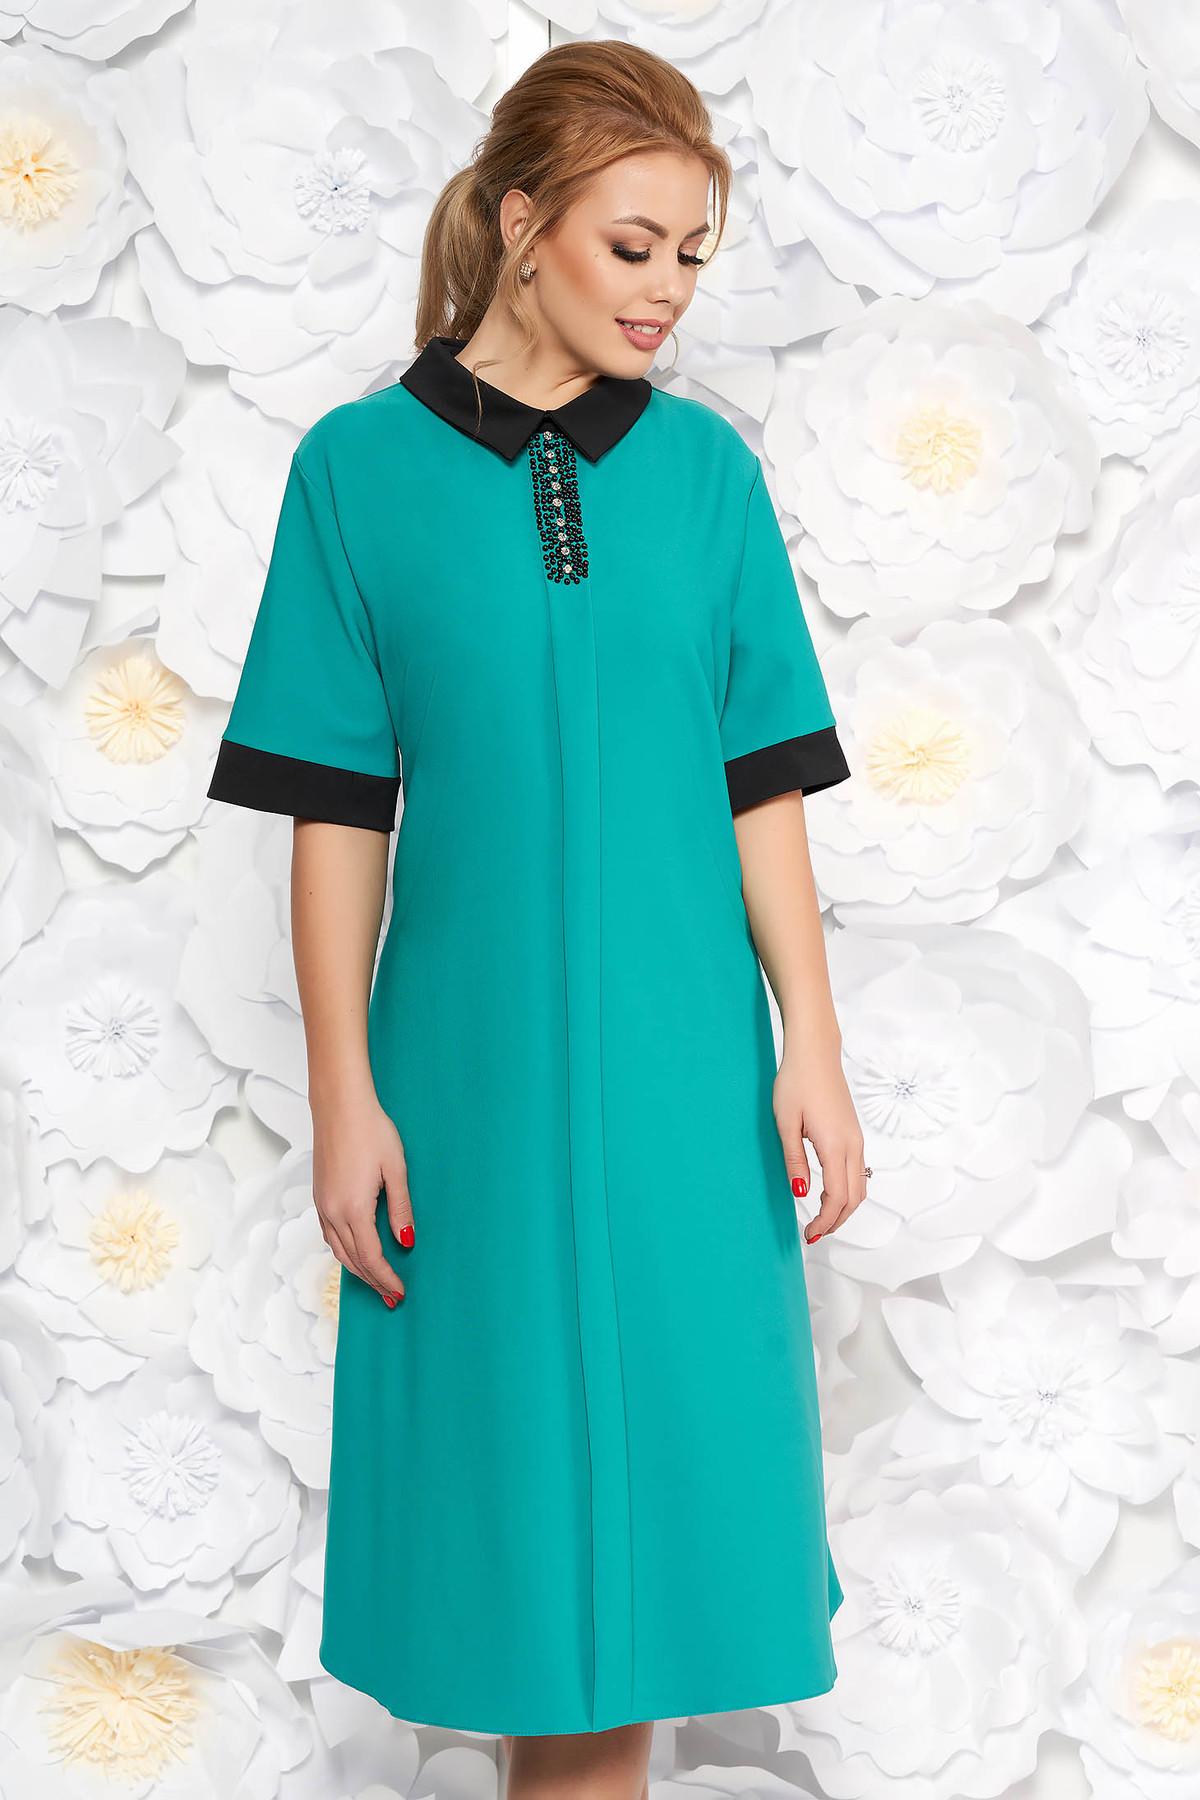 85c9cf6120 Zöld elegáns midi bő szabású ruha finom tapintású anyag zsebes gyöngyös  díszítés